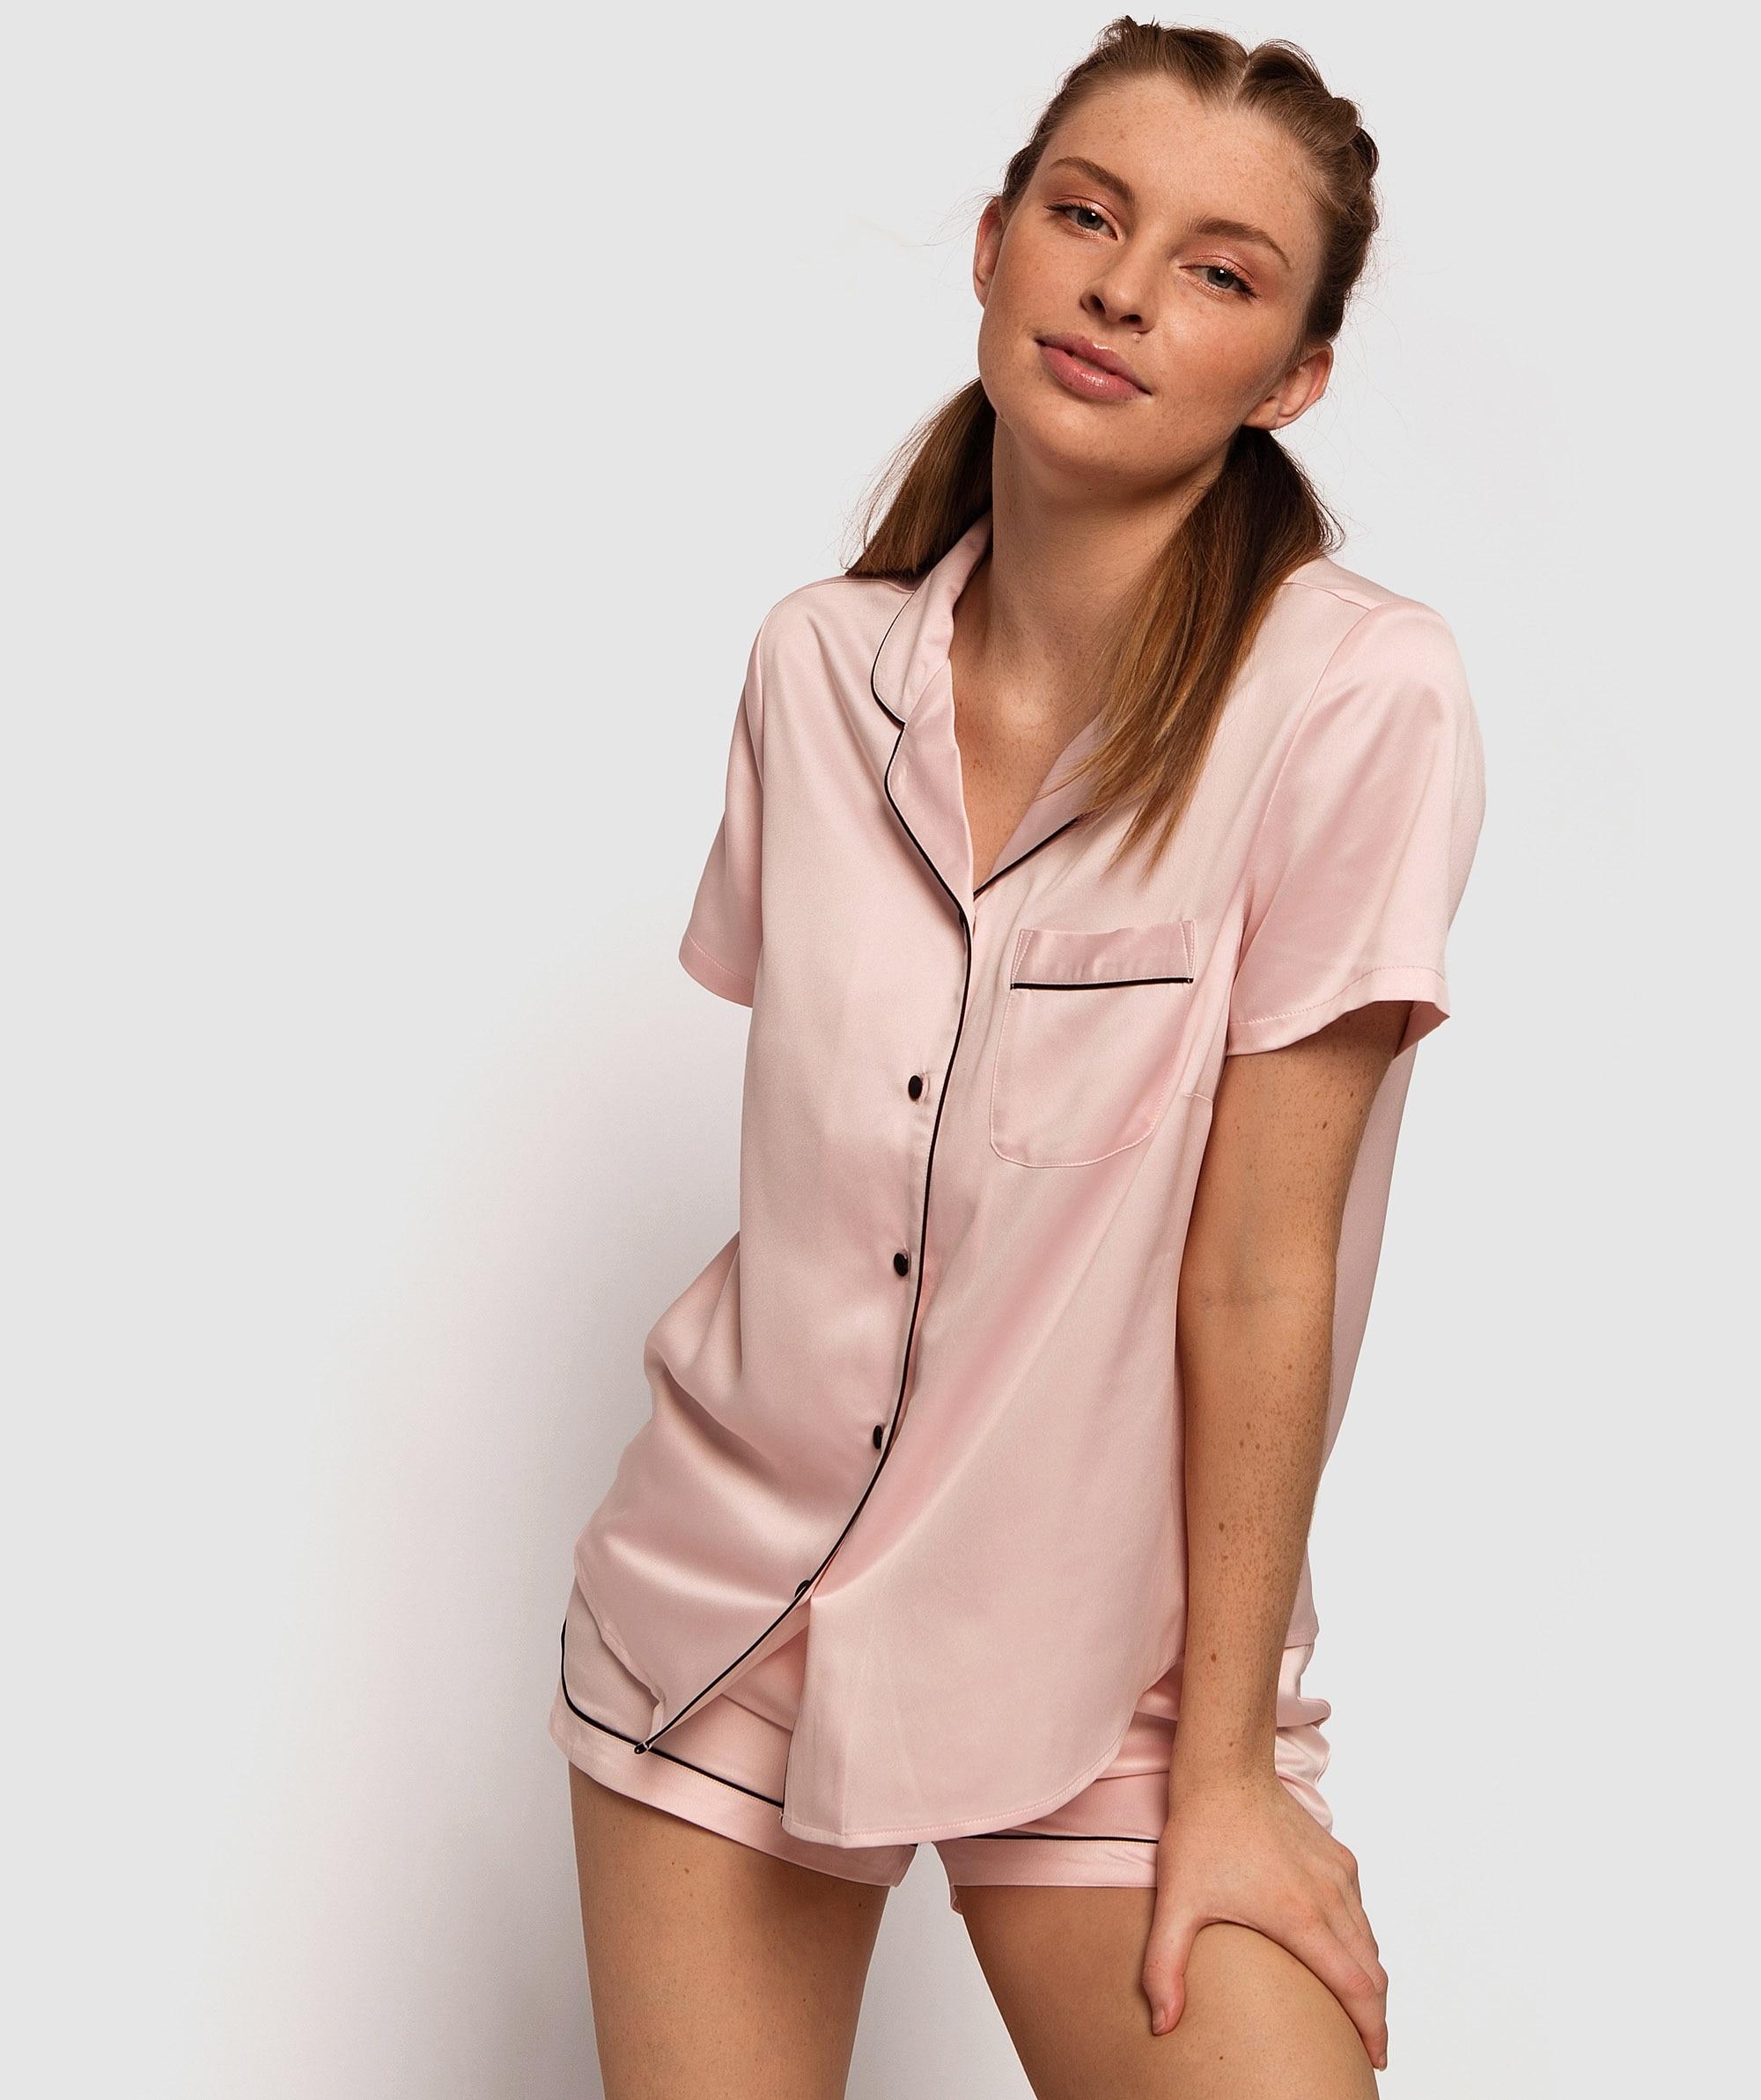 Liquid Satin Short PJ Set - Light Pink/Black